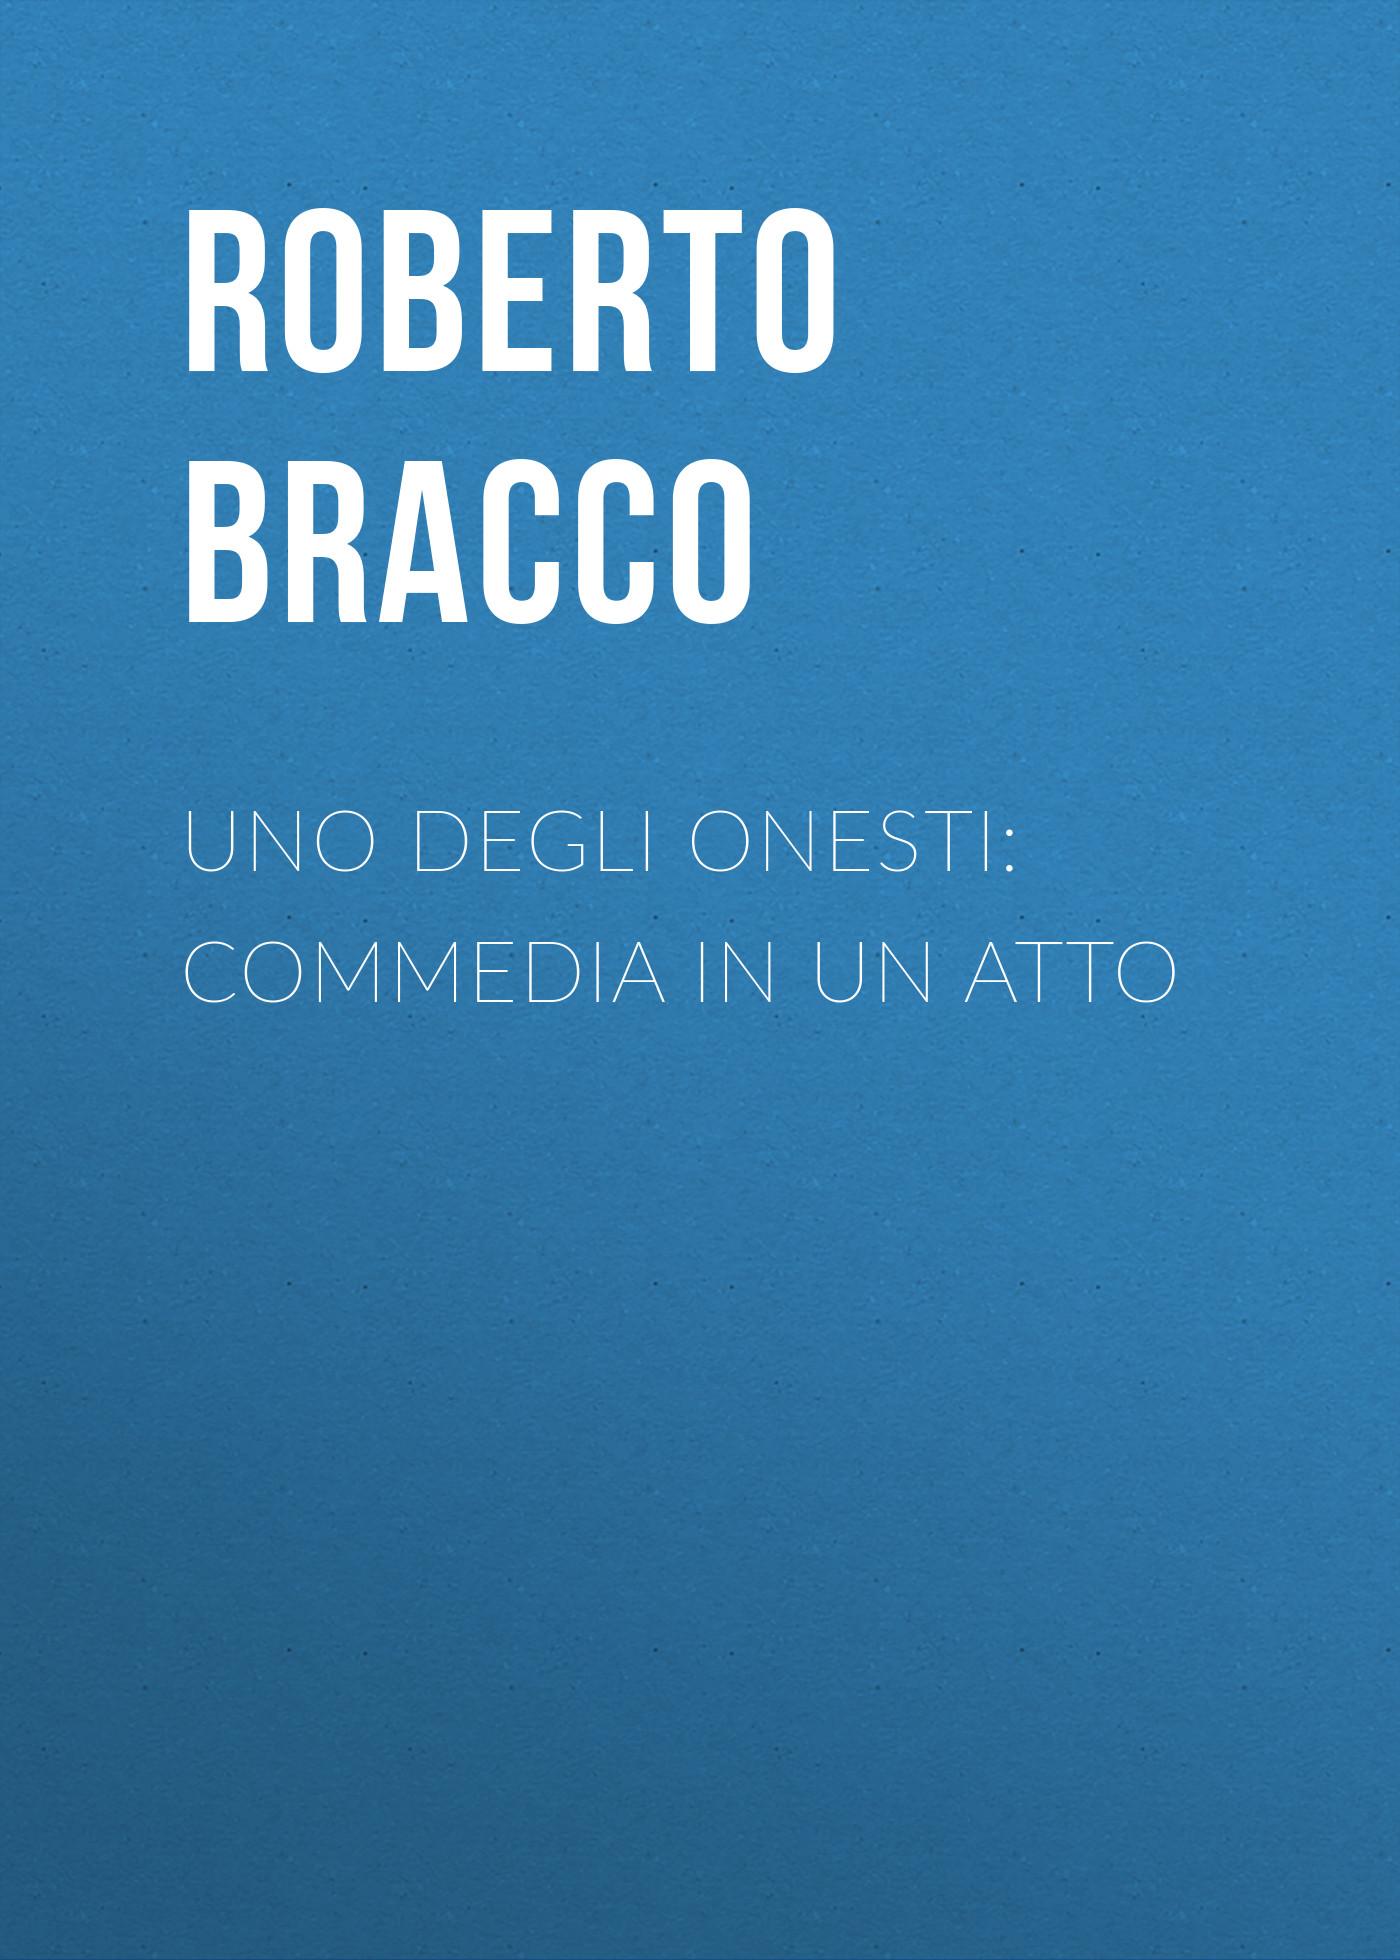 Bracco Roberto Uno degli onesti: Commedia in un atto недорго, оригинальная цена